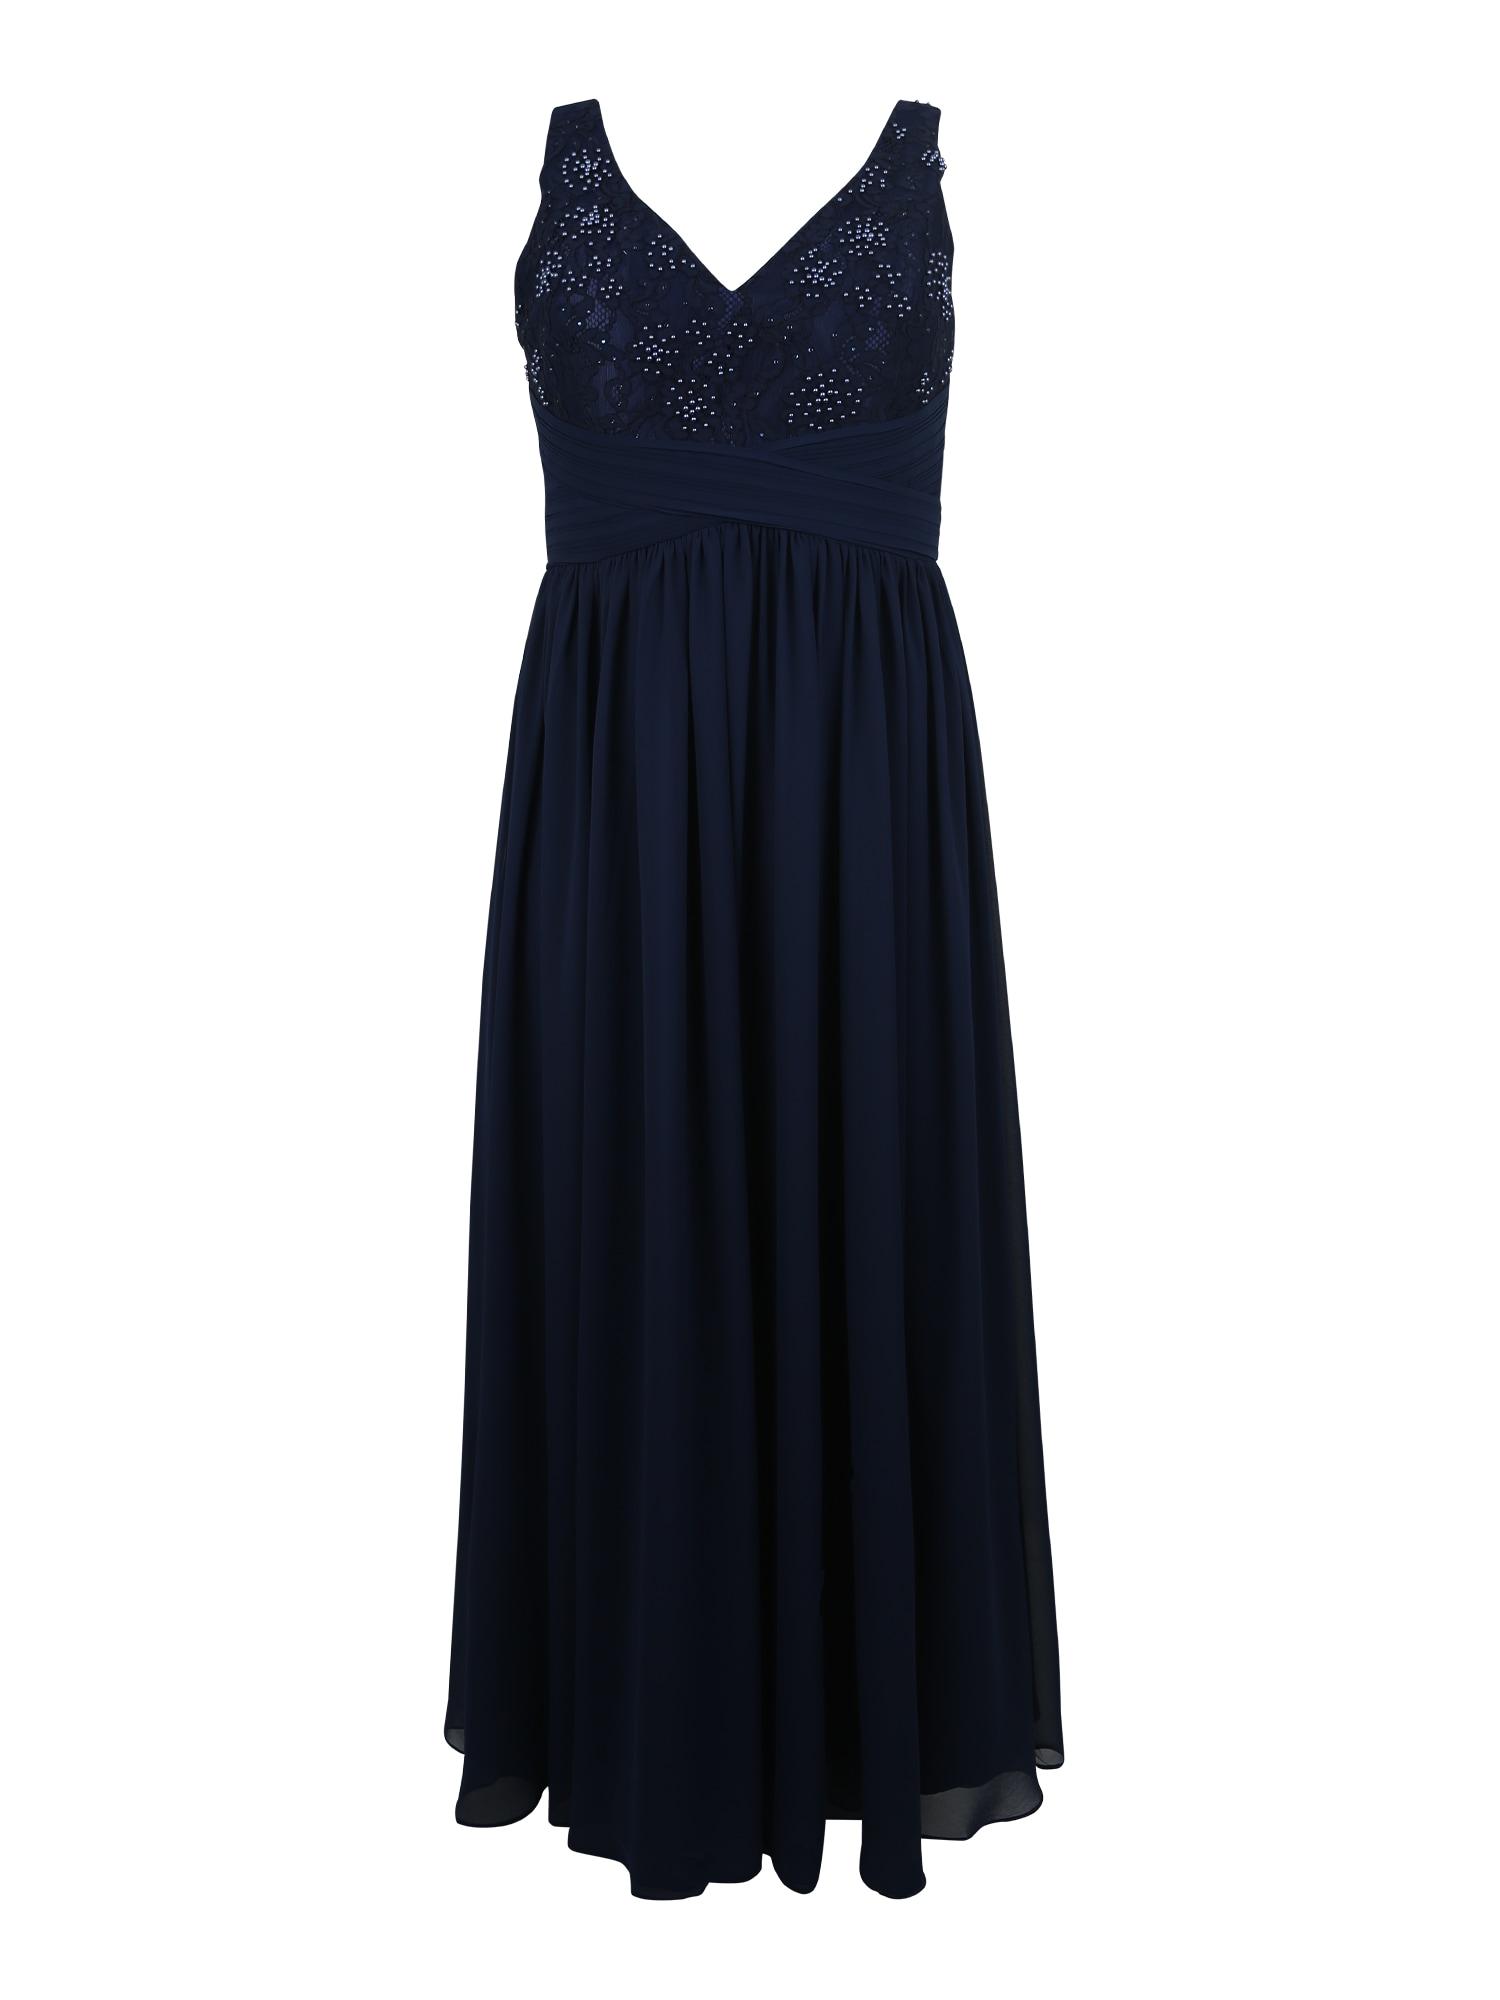 Společenské šaty LACE WAIST námořnická modř My Mascara Curves